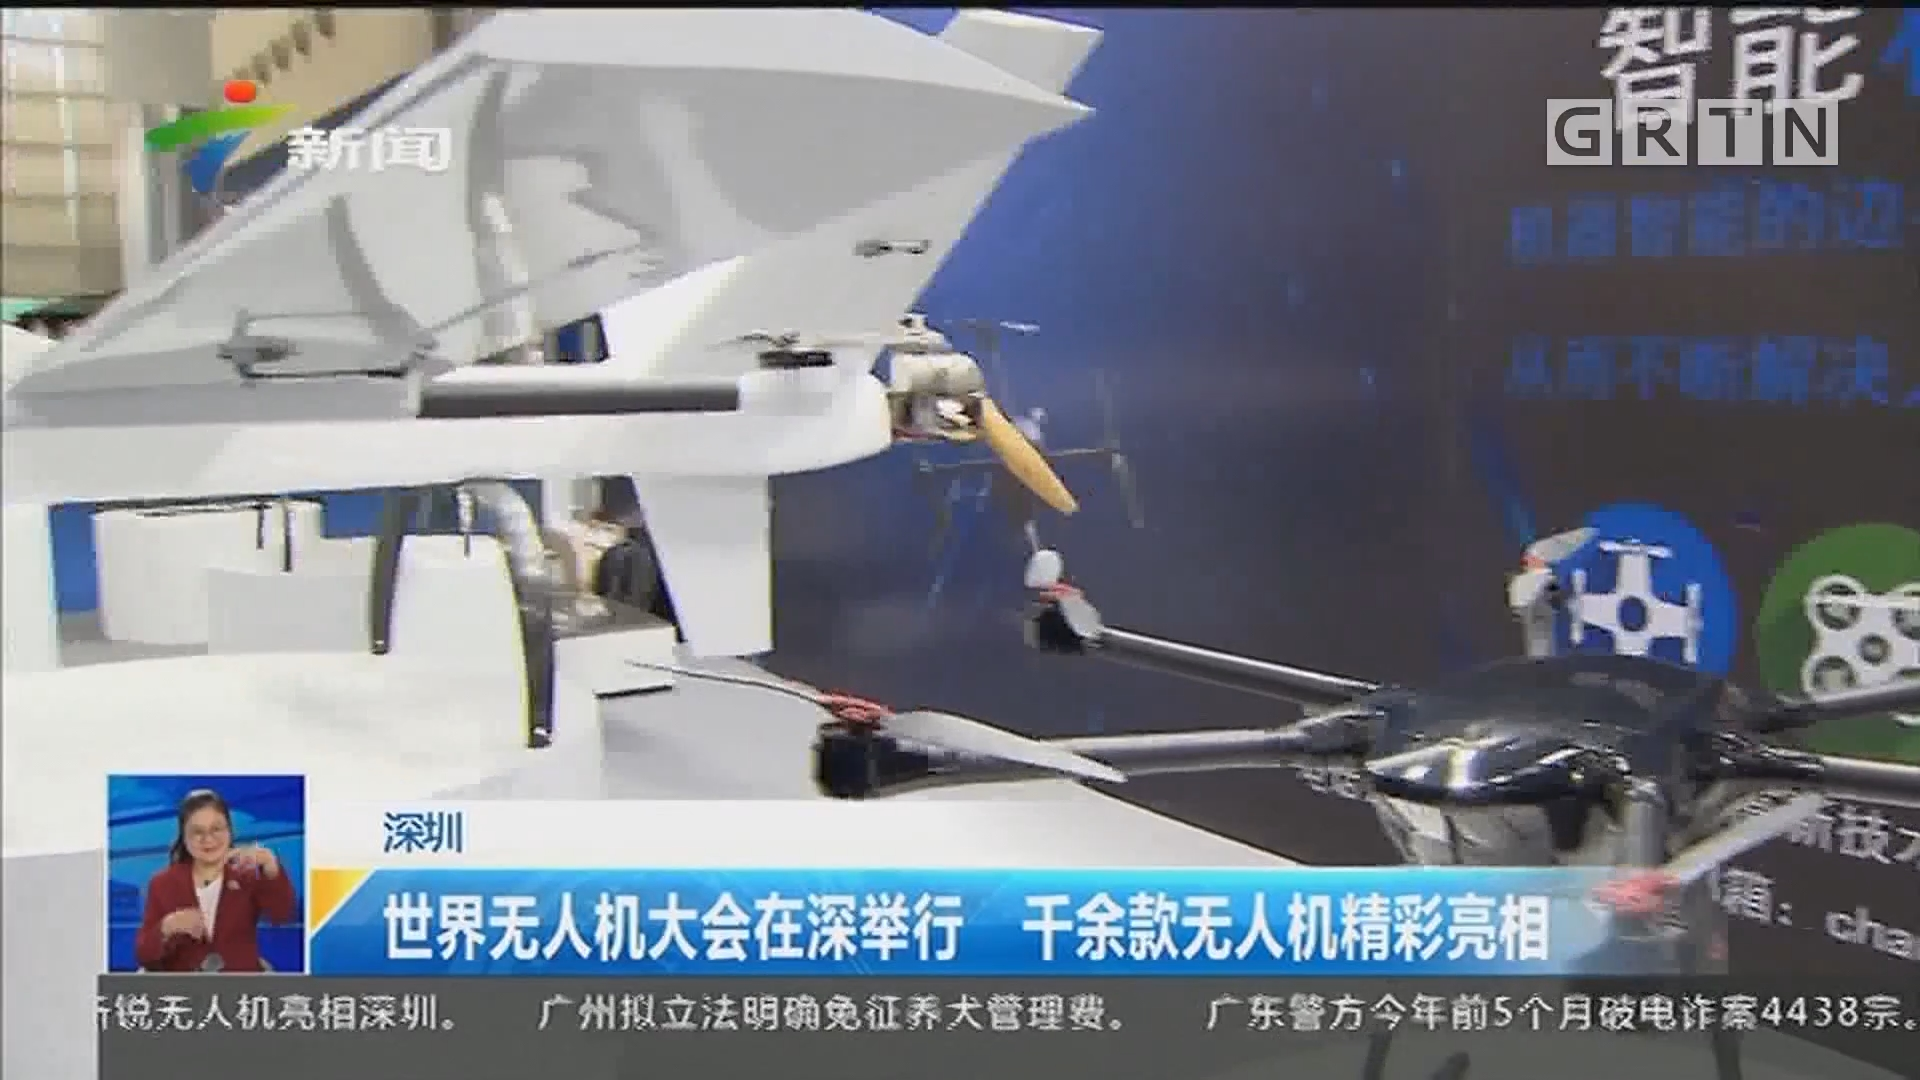 深圳:世界无人机大会在深举行 千余款无人机精彩亮相